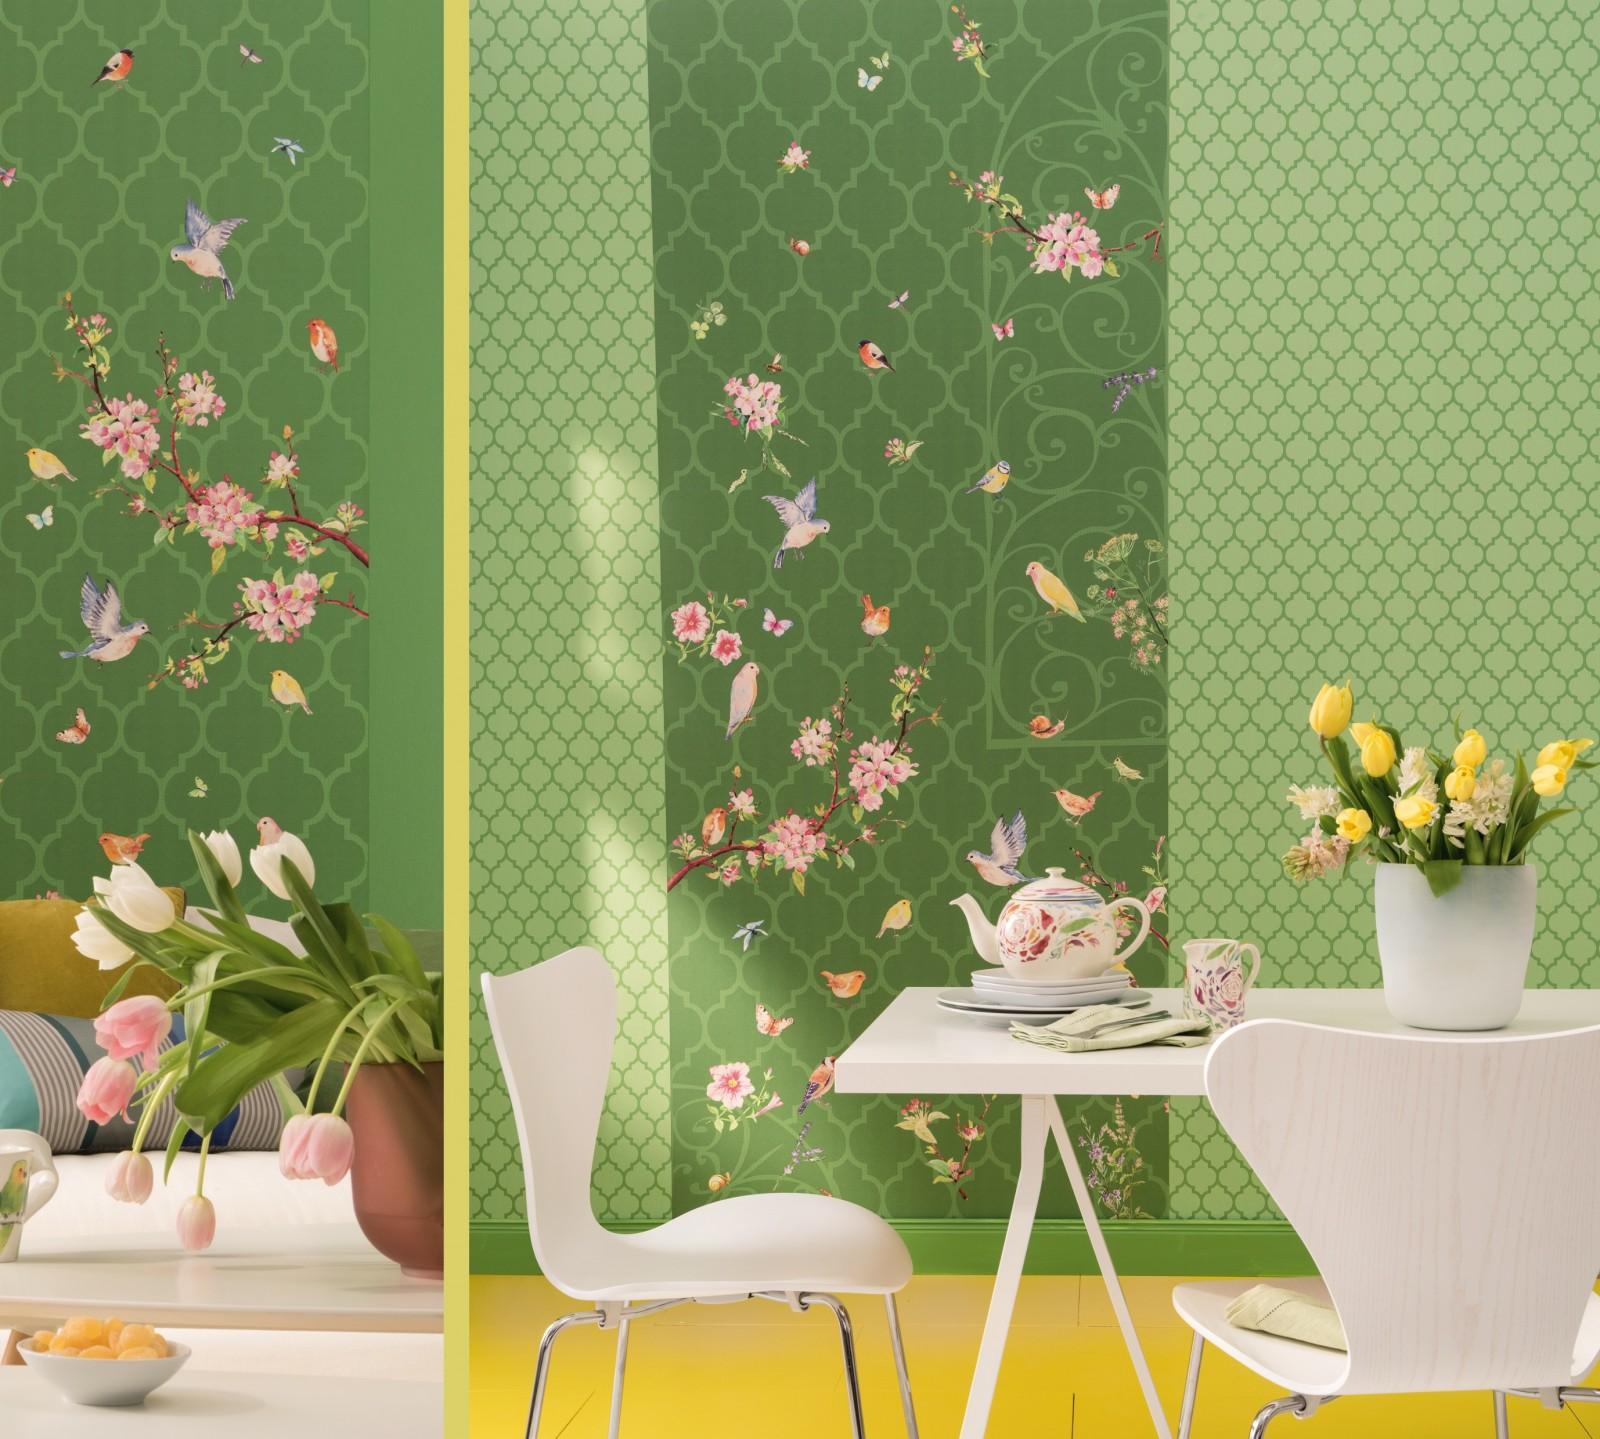 Zu Hause Wohnen wallpaper zuhause wohnen marburg green ornament 57143